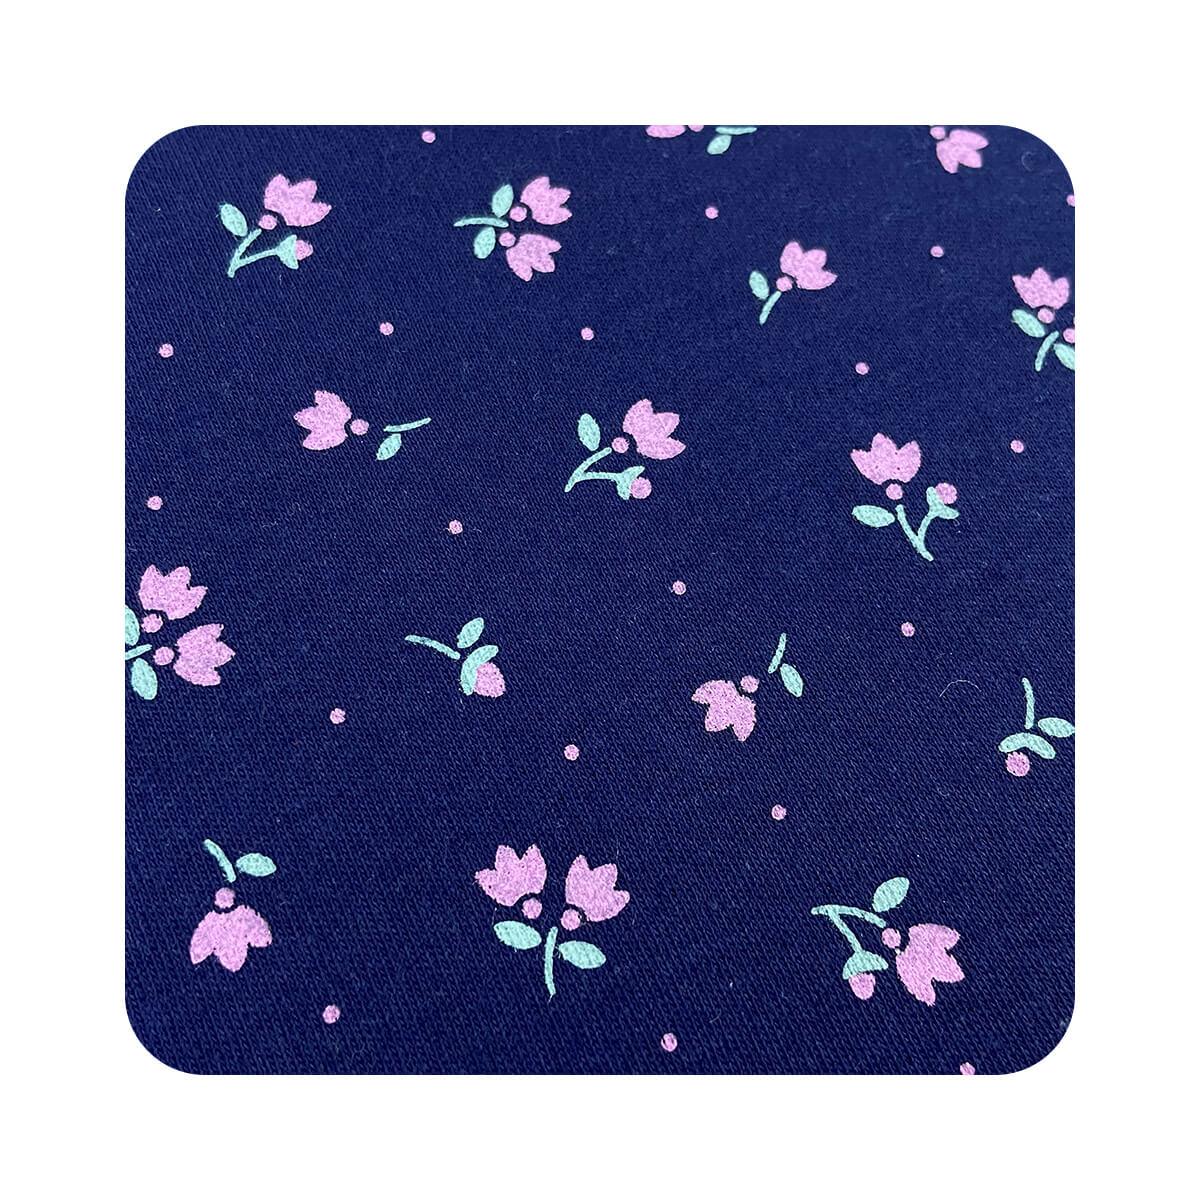 Faixa de Cabelo Bebê Floral Marinho com Elástico  - Piu Blu